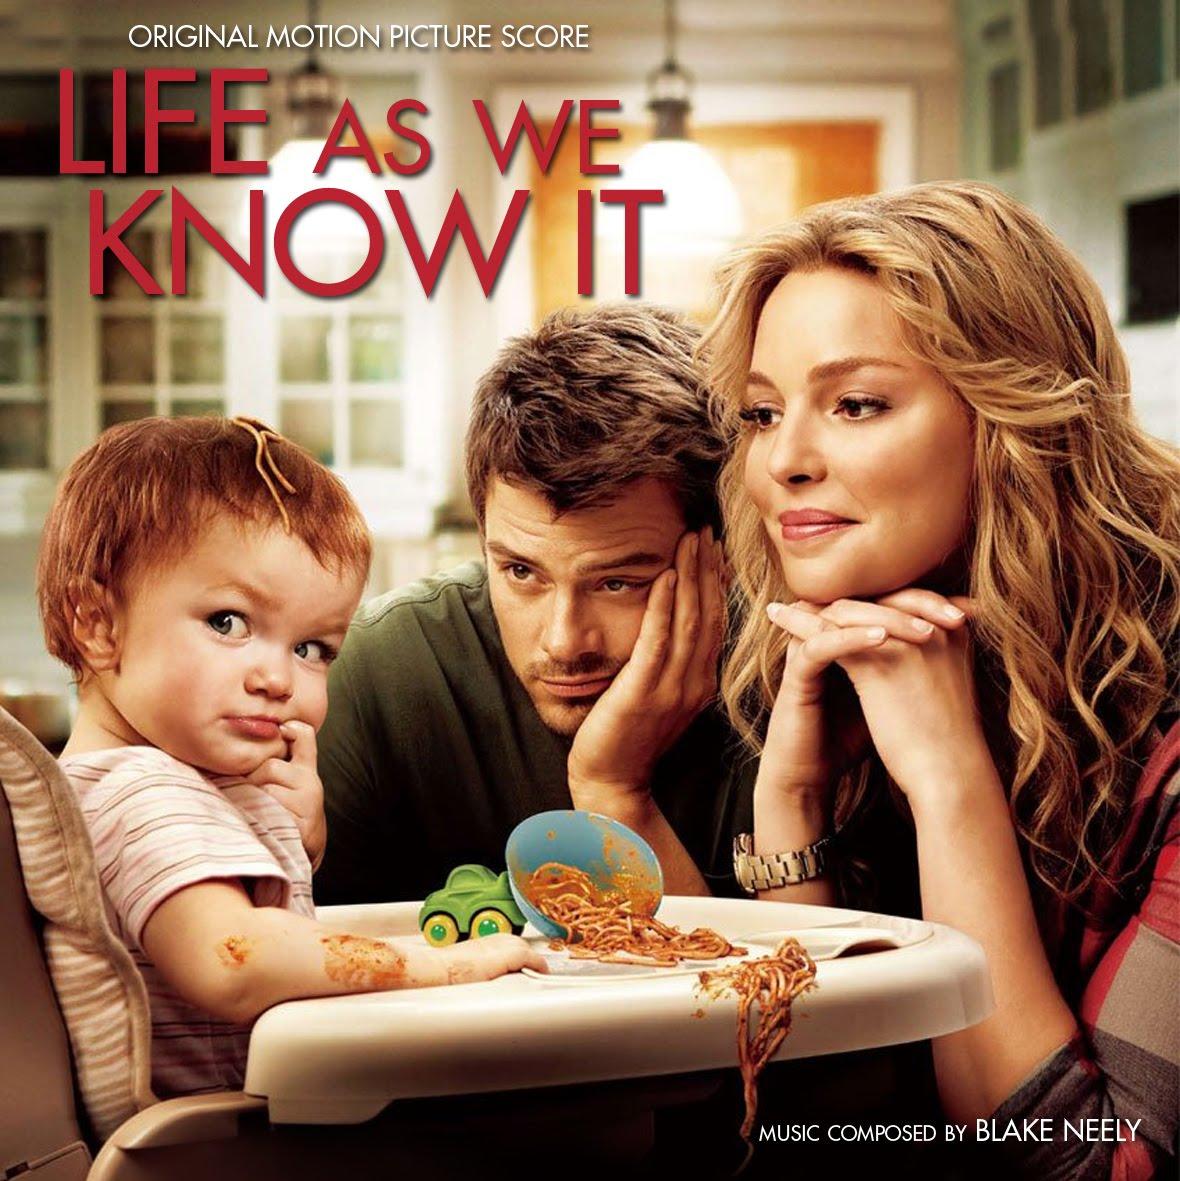 Life As We Know It Movie Image